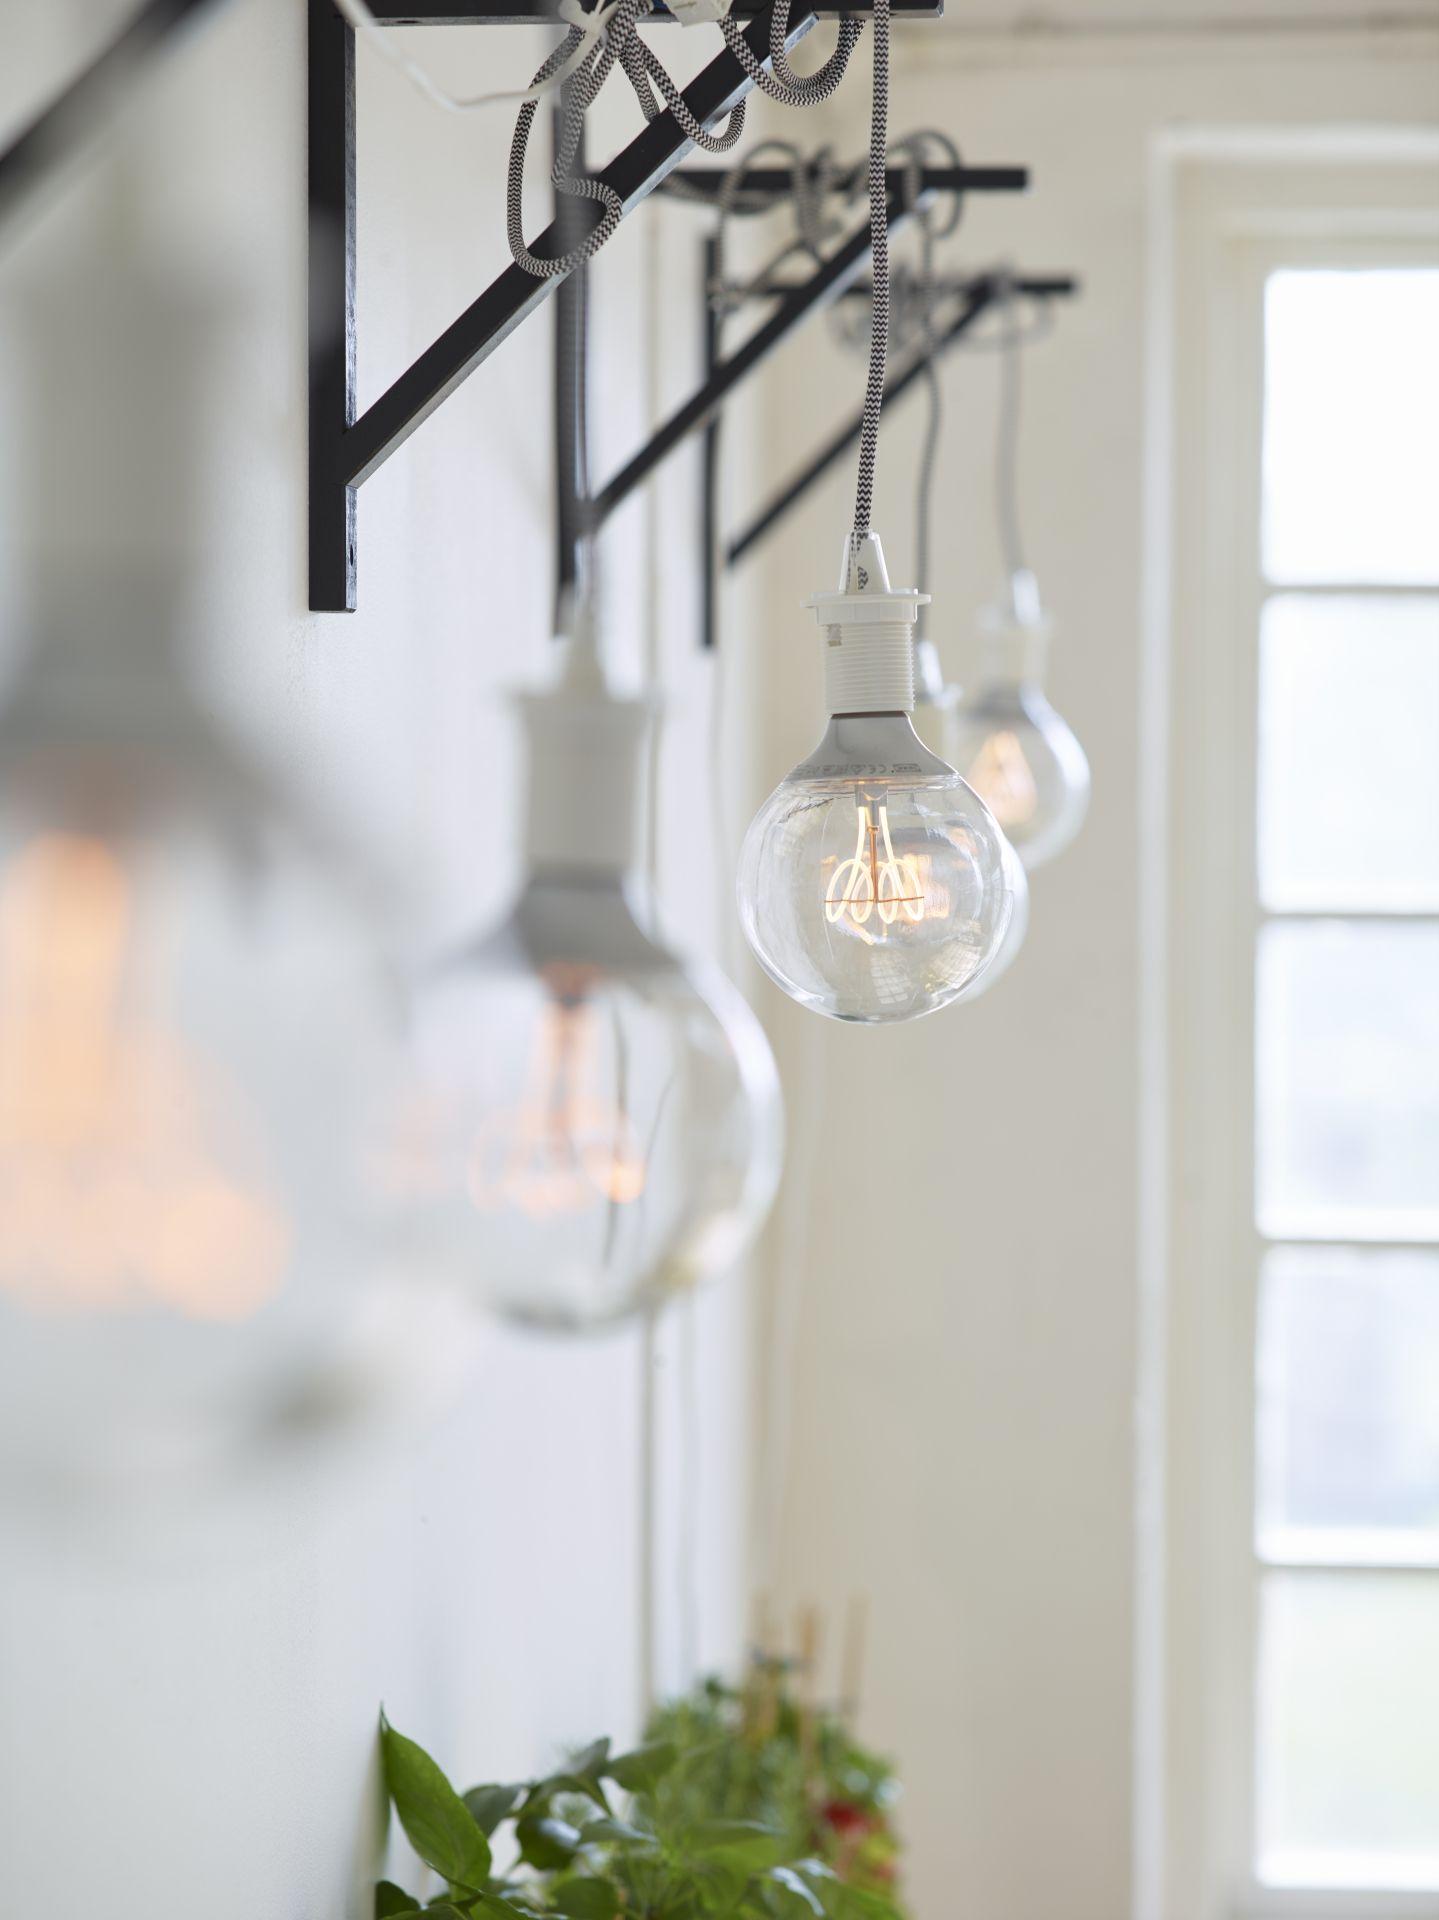 nittio led lamp e27 20 lumen ikea ikeanl ikeanederland lamp led lamp led led verlichting verlichting duurzaam duurzaamheid milieubewust inspiratie